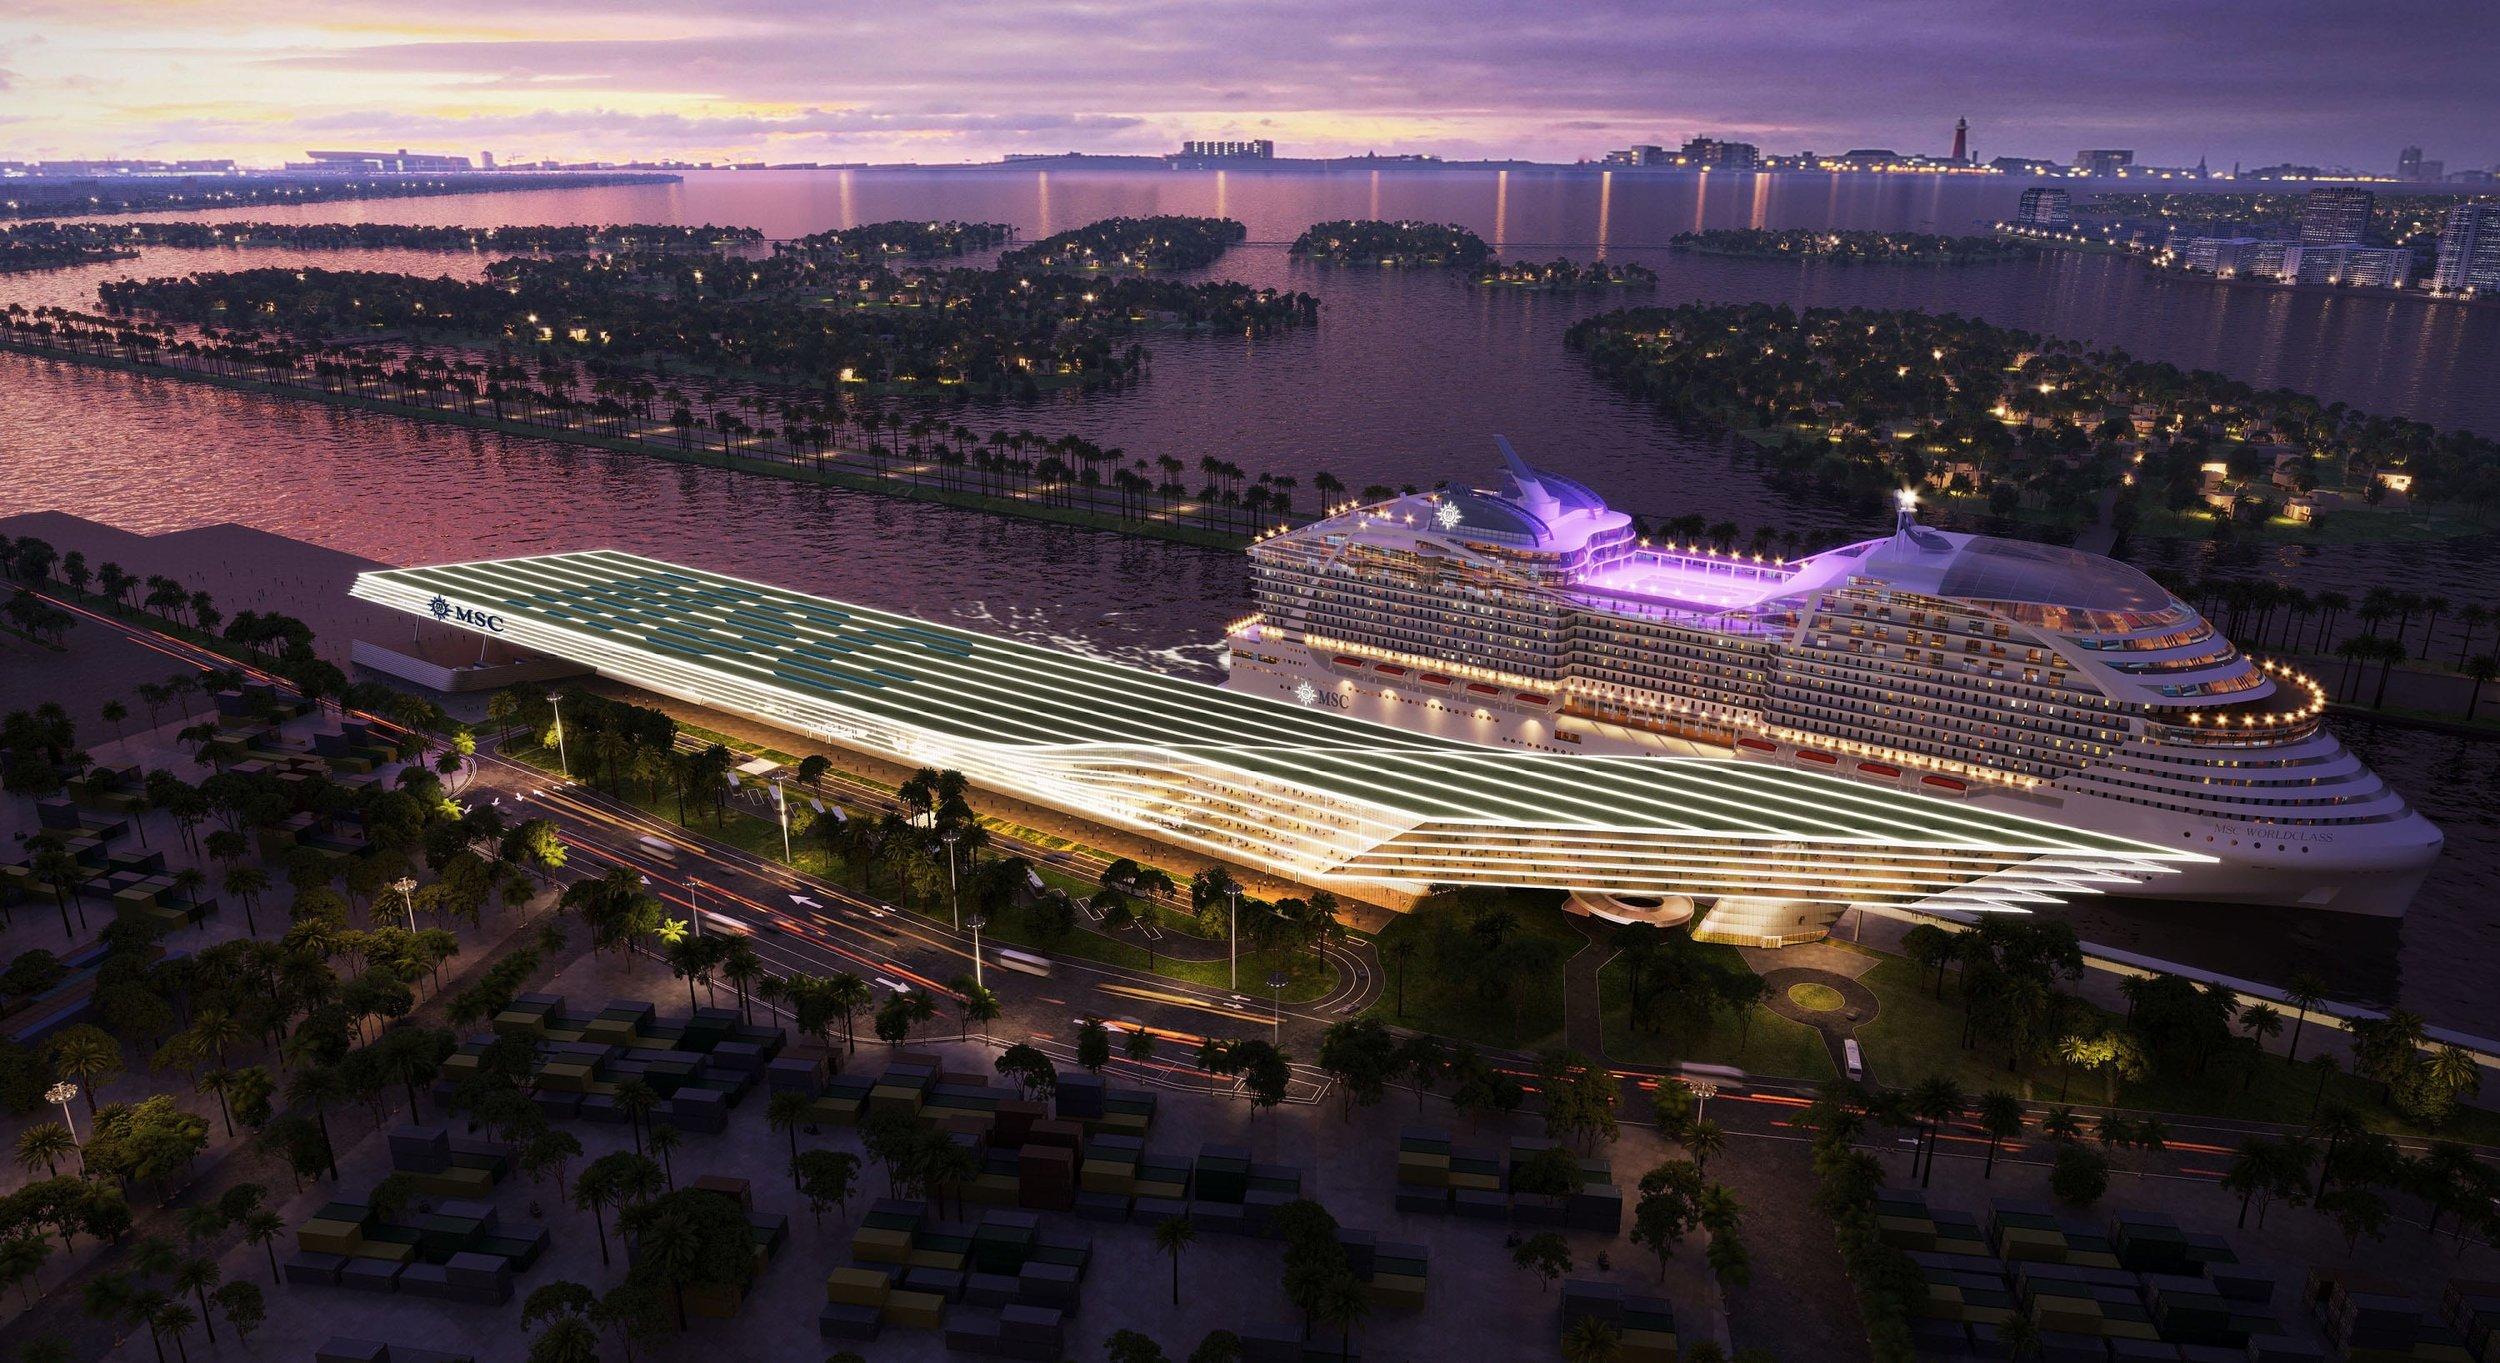 MSC Cruises Reveals Supersized Arquitectonica-Designed Cruise Terminal In PortMiami